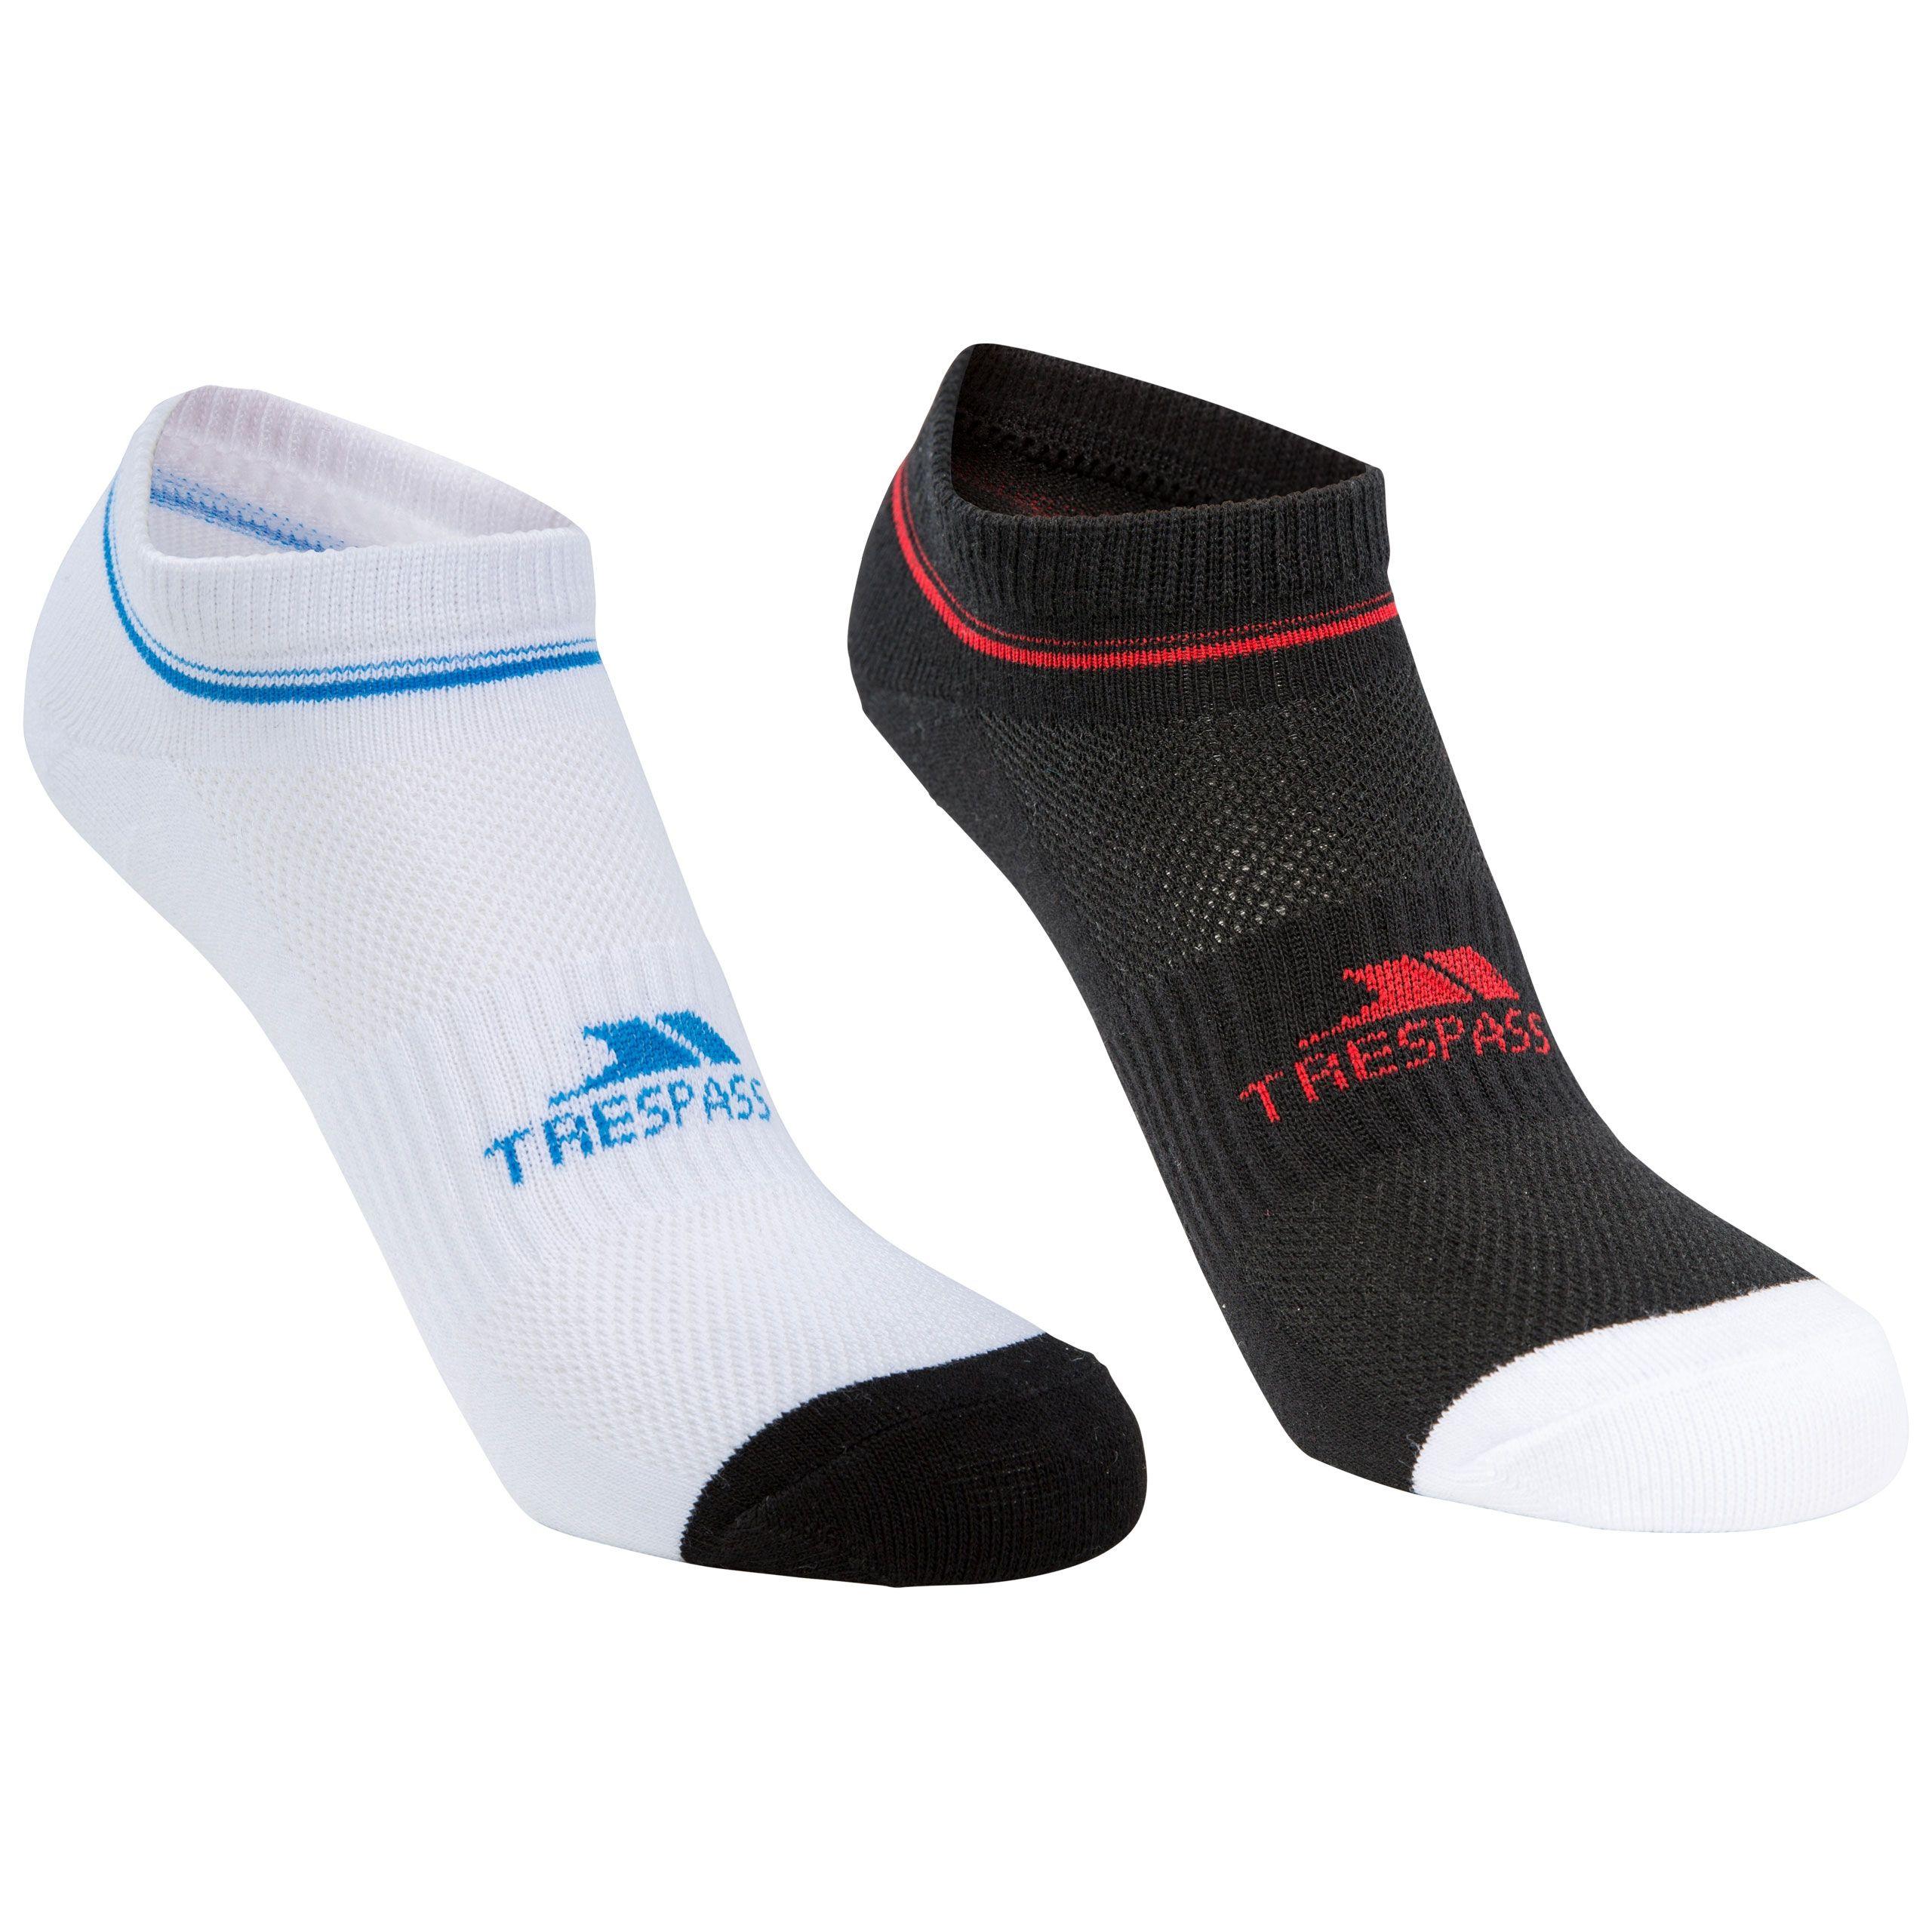 Isolate Unisex Trainer Socks - 2 Pack